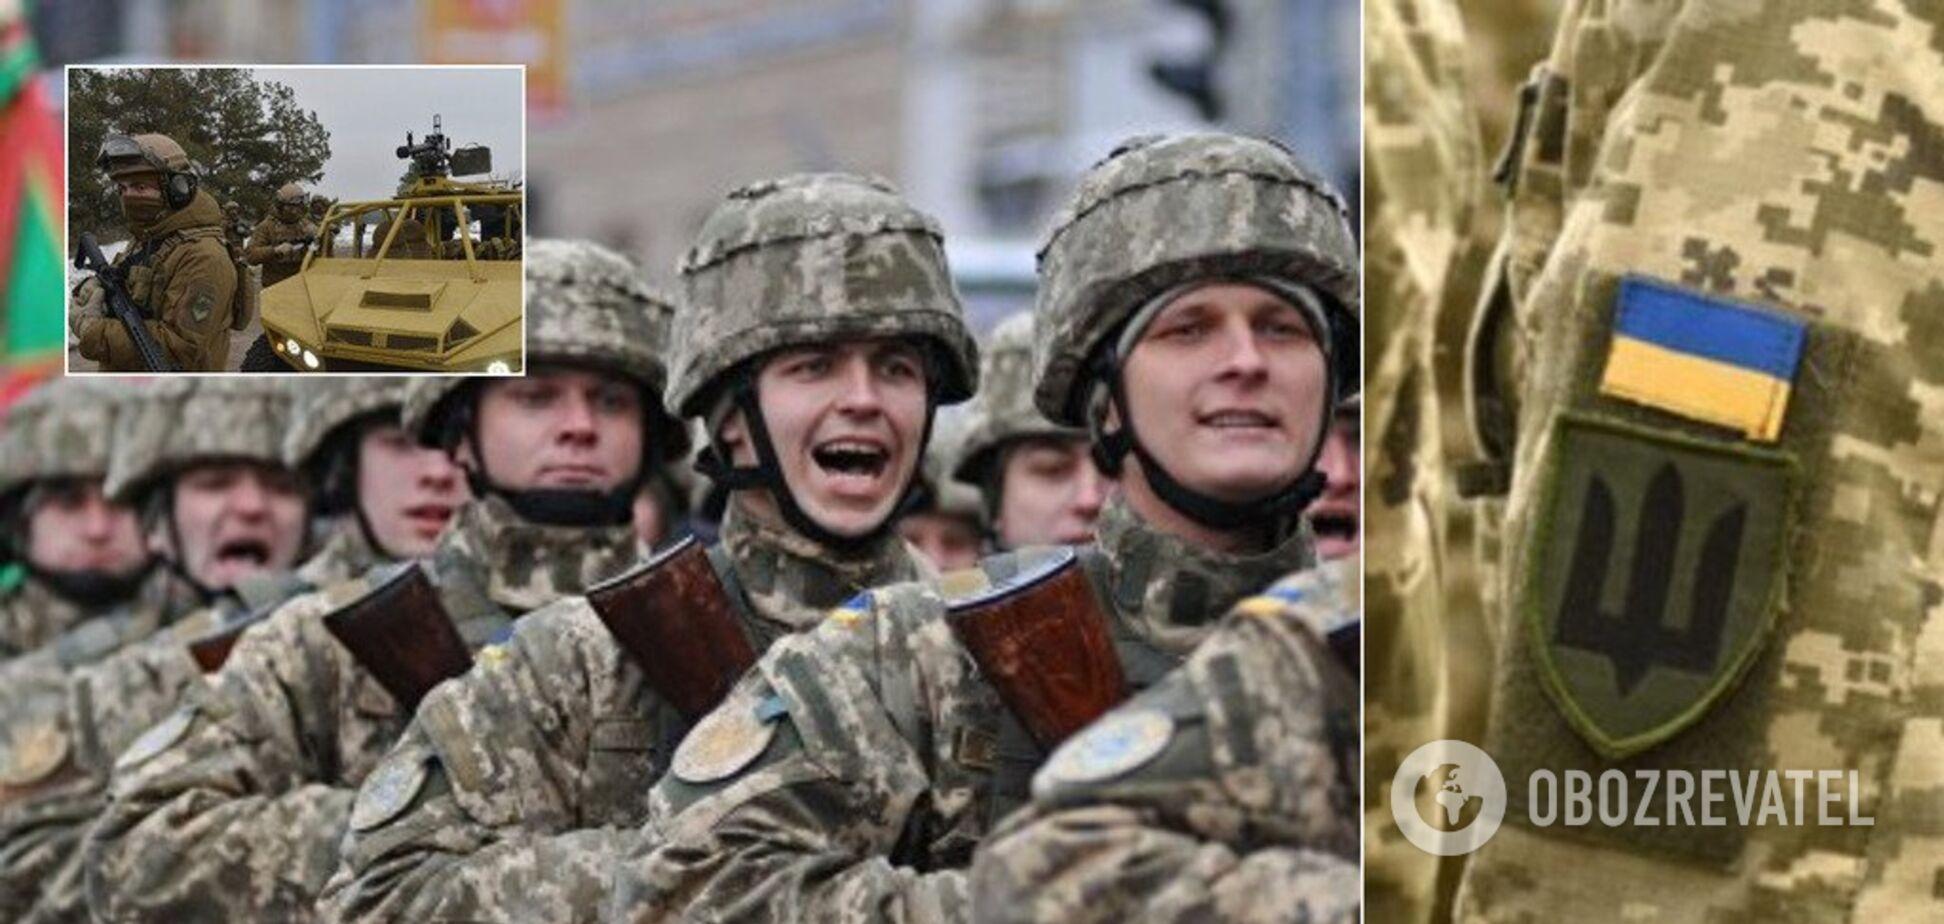 Прощавай, 'совок'. Привіт, НАТО: українську армію очікують радикальні зміни